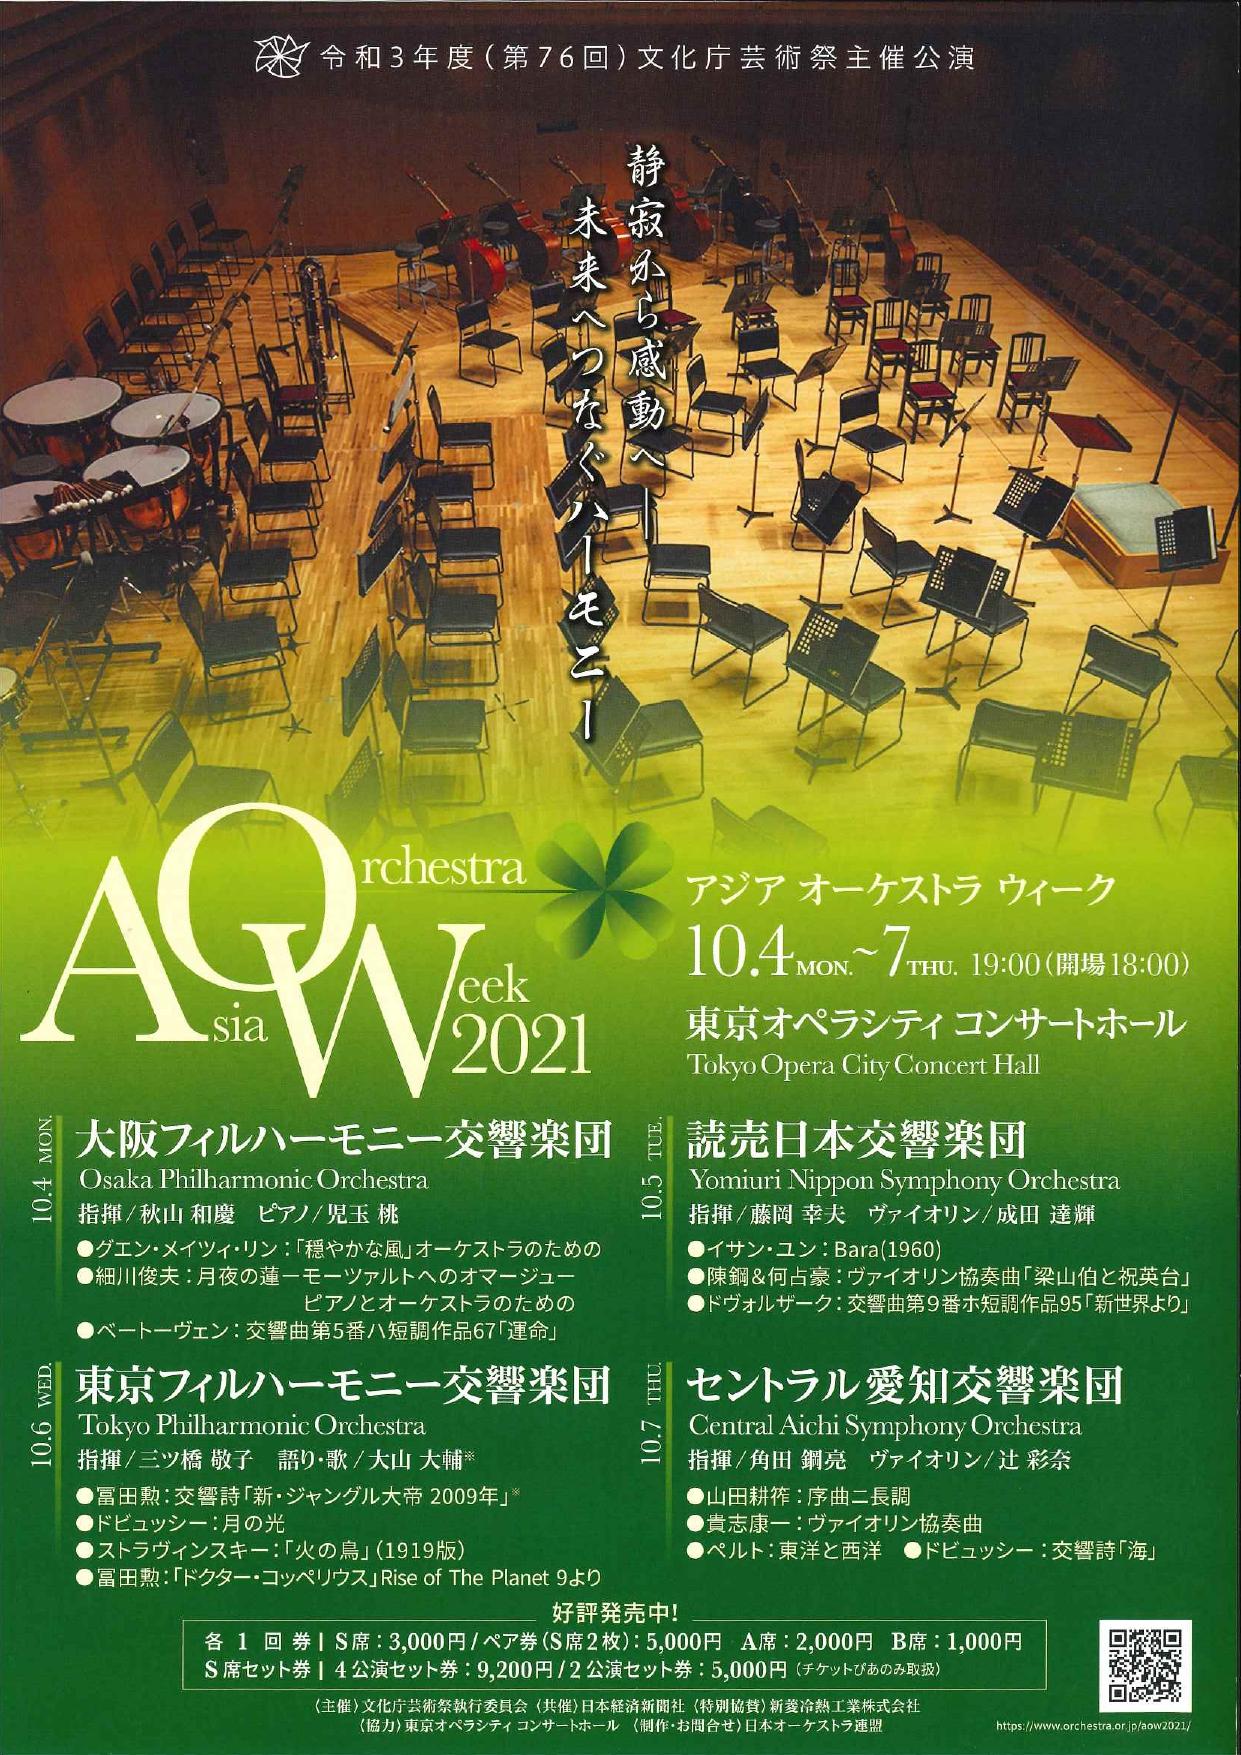 令和3年度(第76回)文化庁芸術祭主催公演 アジア オーケストラ ウィーク2021 静寂から感動へ― 未来へつなぐハーモニー